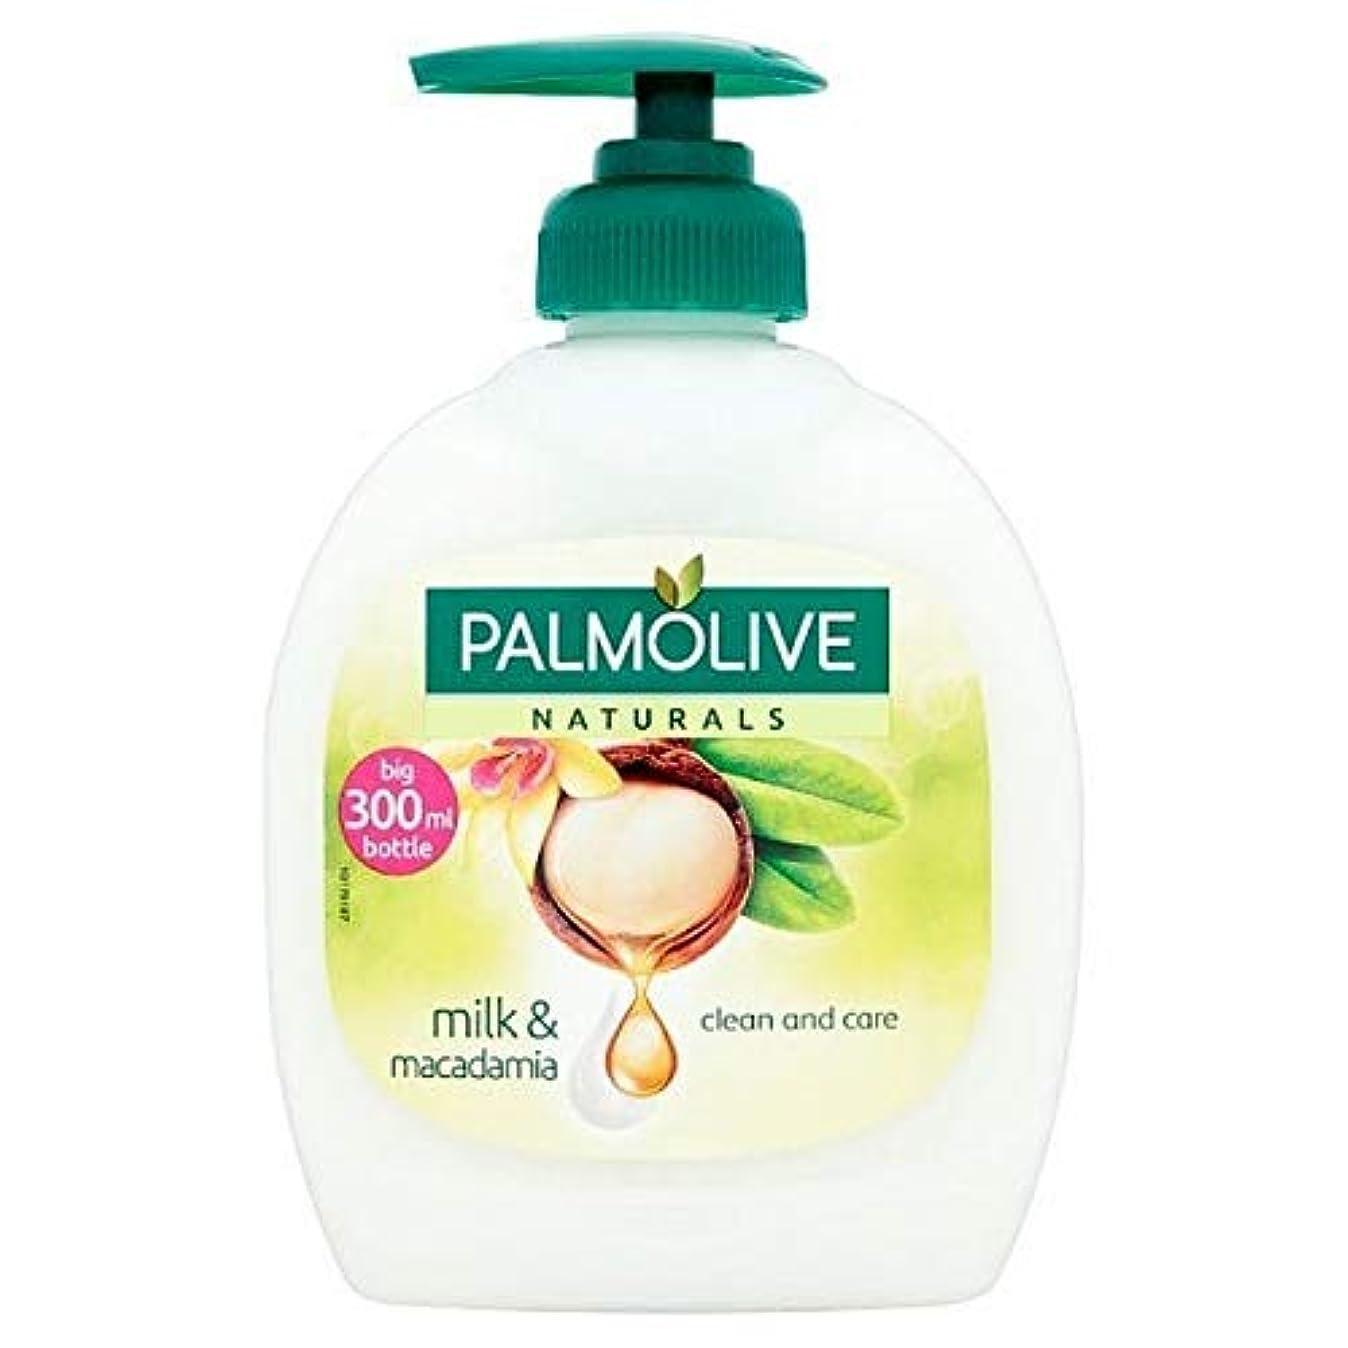 標準険しい参照[Palmolive ] パルモライブナチュラルマカダミア&バニラ液体手洗いの300ミリリットル - Palmolive Naturals Macadamia & Vanilla Liquid Handwash 300ml...